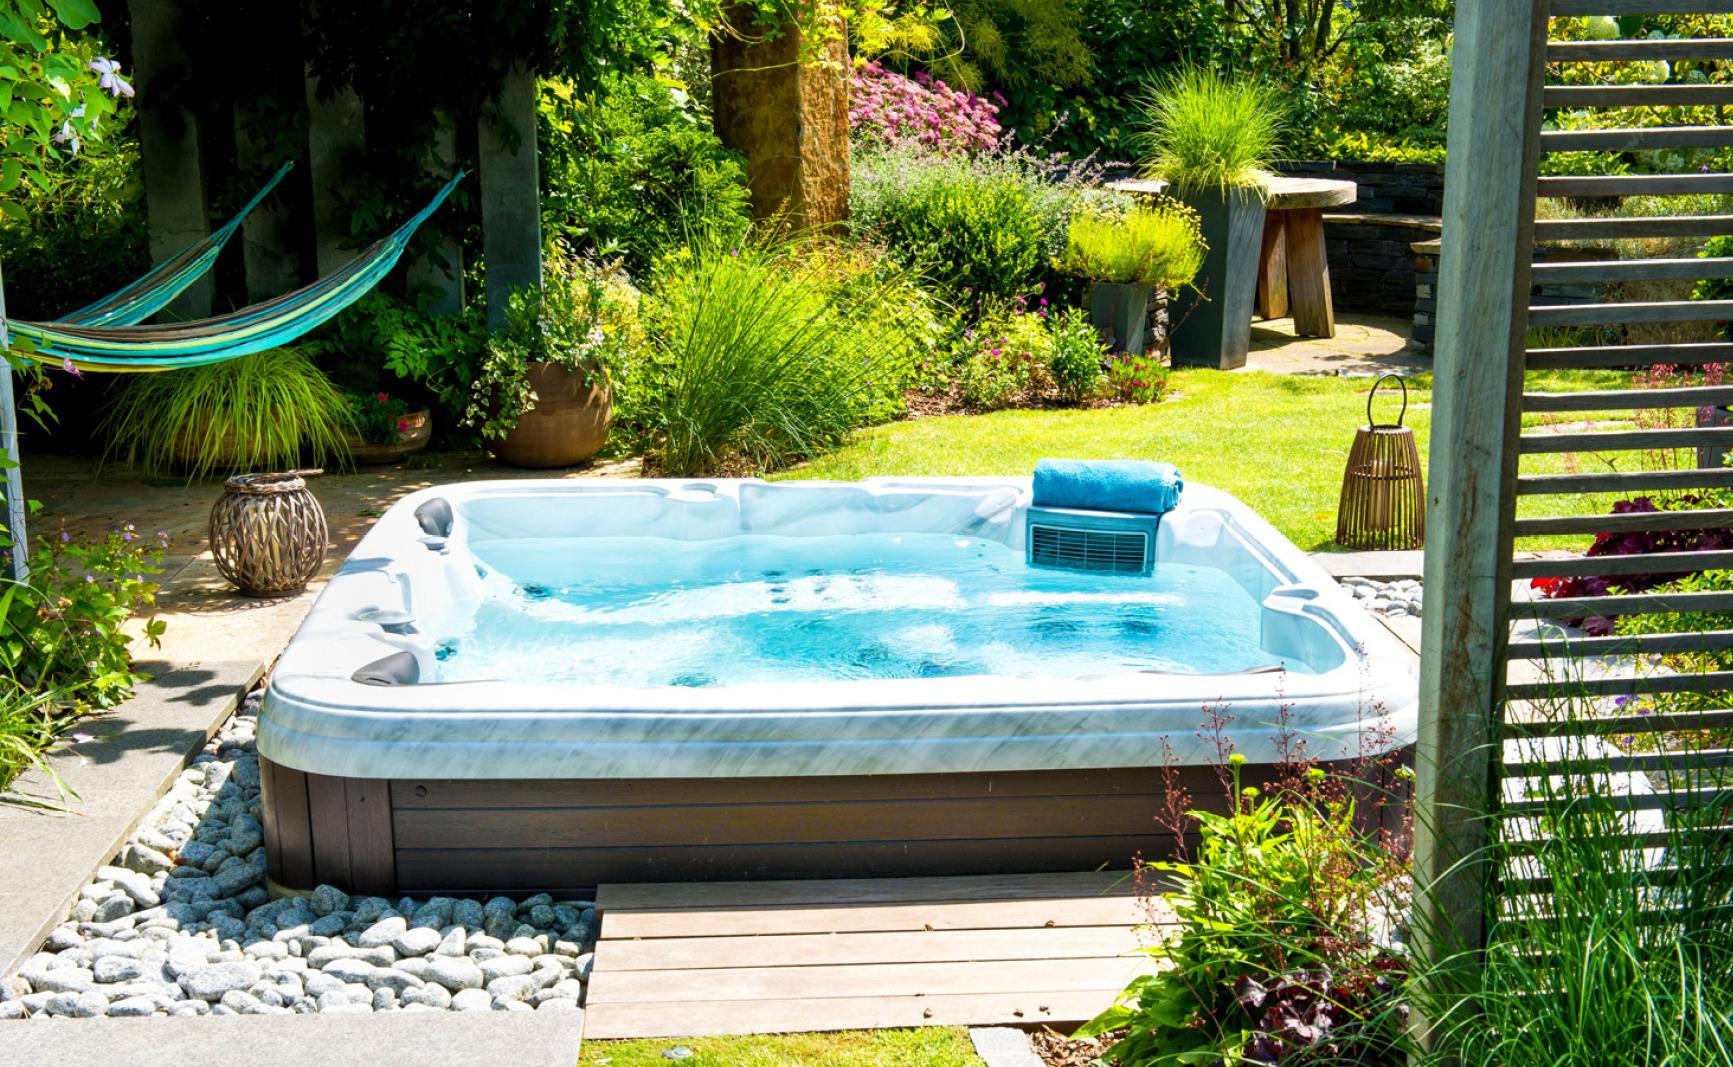 Le spa 471, une invitation à la détente en Alsace 4